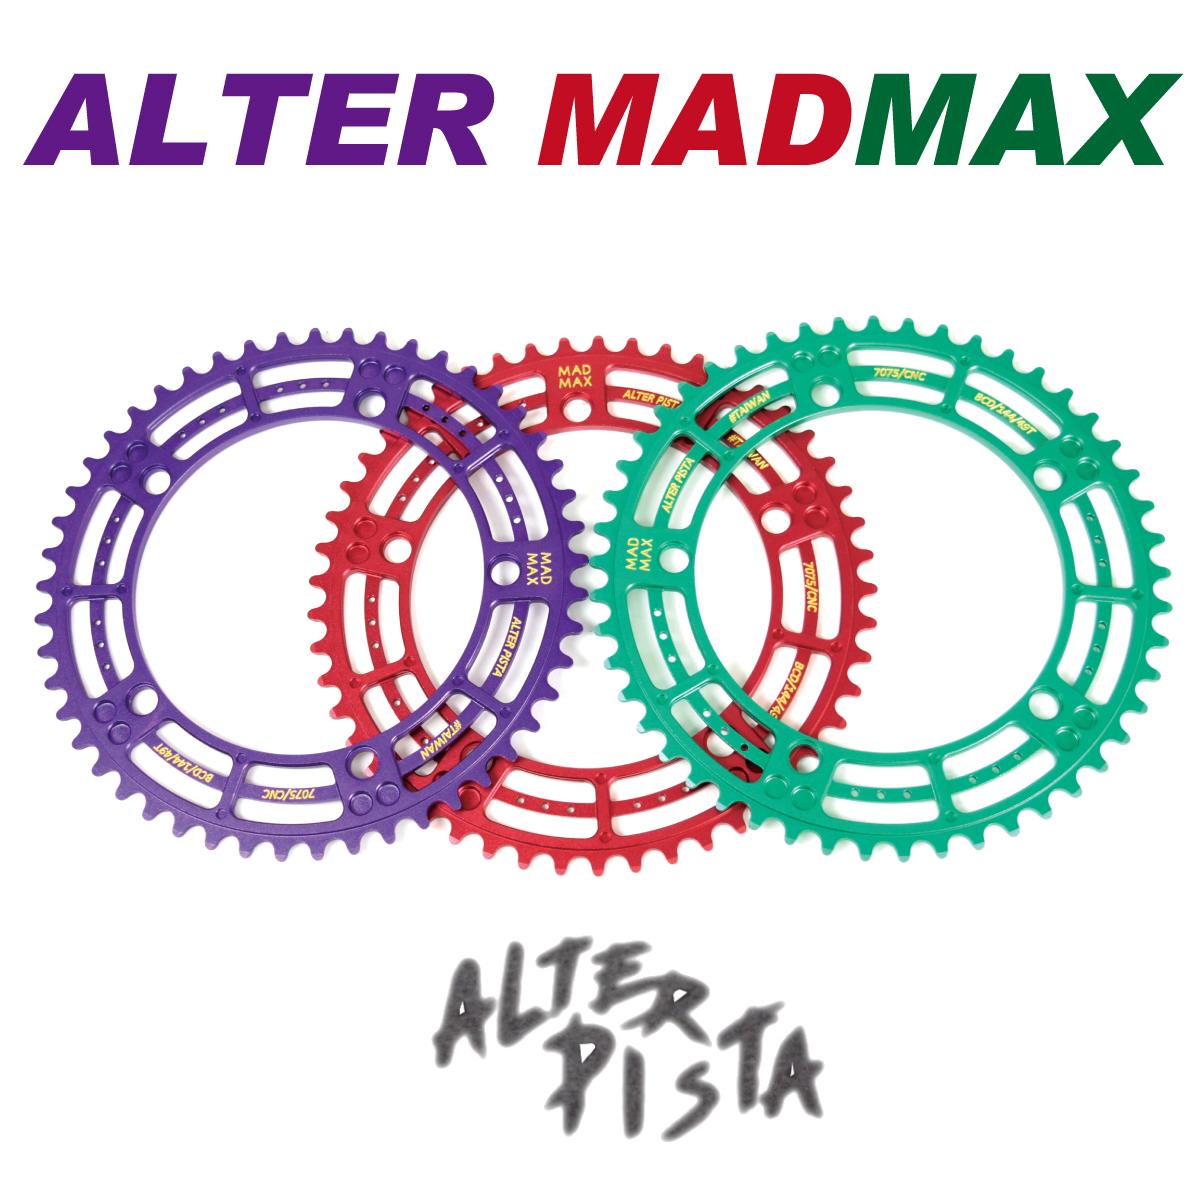 アルター チェーンリング ハロウィーンカラー マッドマックス ALTER CHAINRING MADMAX HALLOWEEN ピスト 自転車